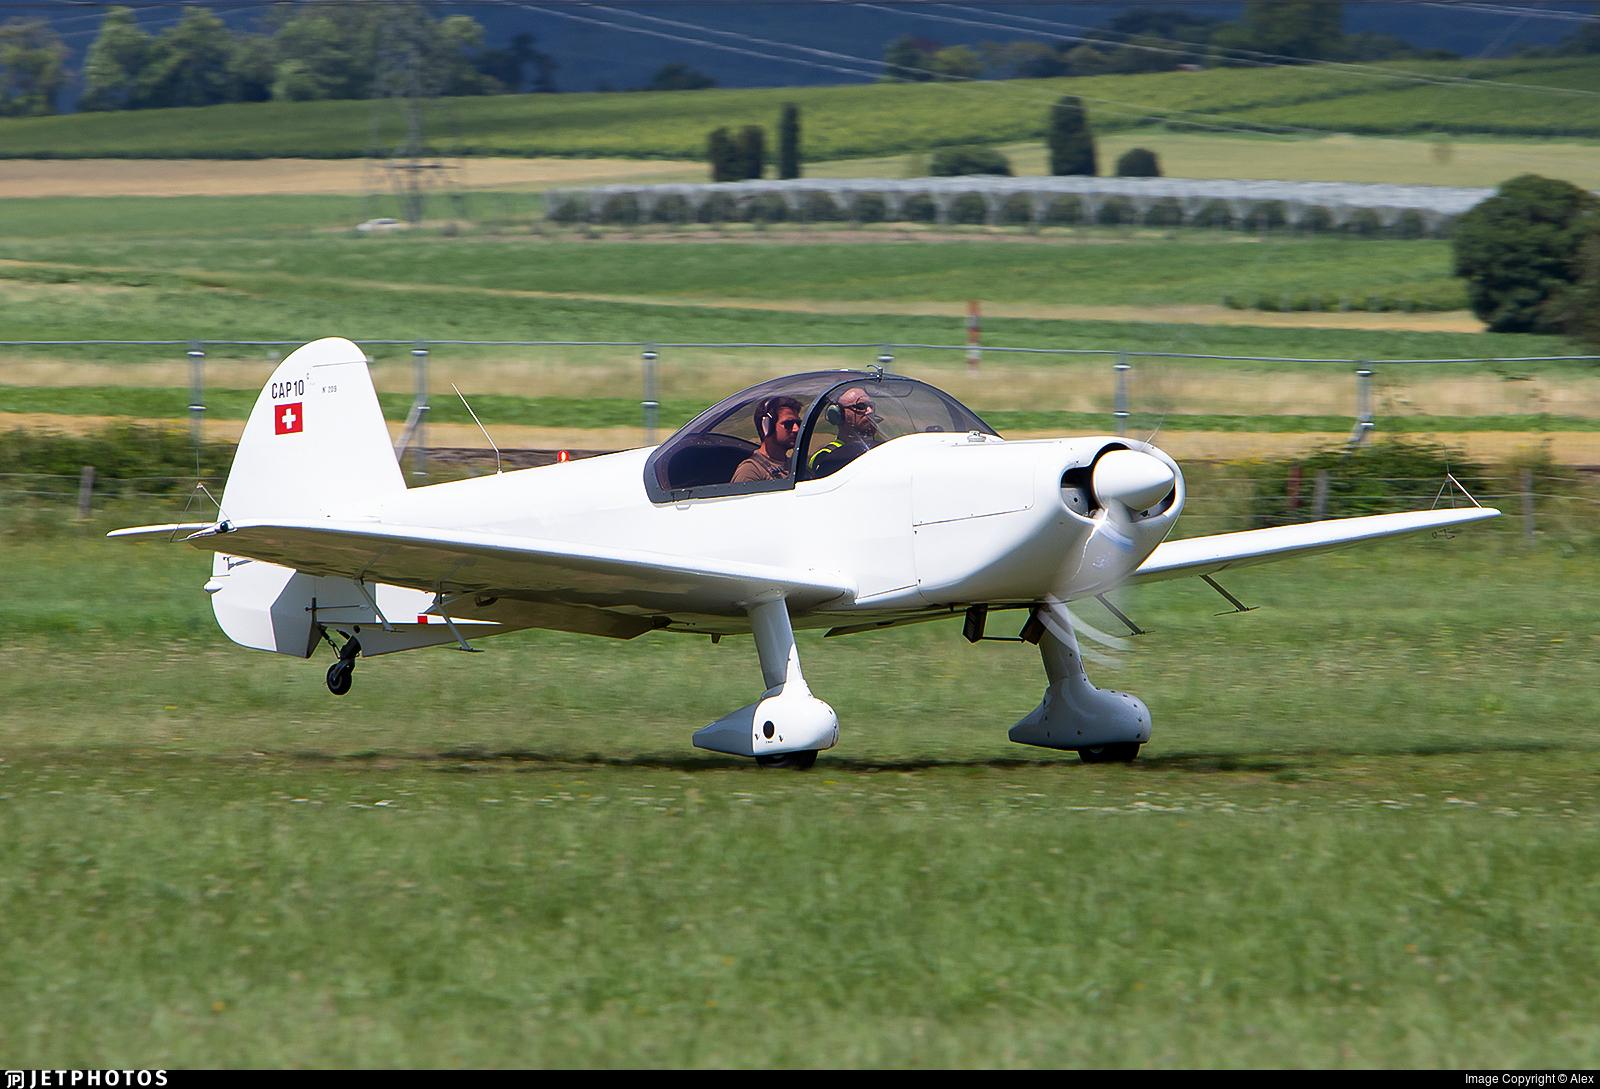 HB-SAX - Cap 10B - Groupement de Vol à Moteur Lausanne